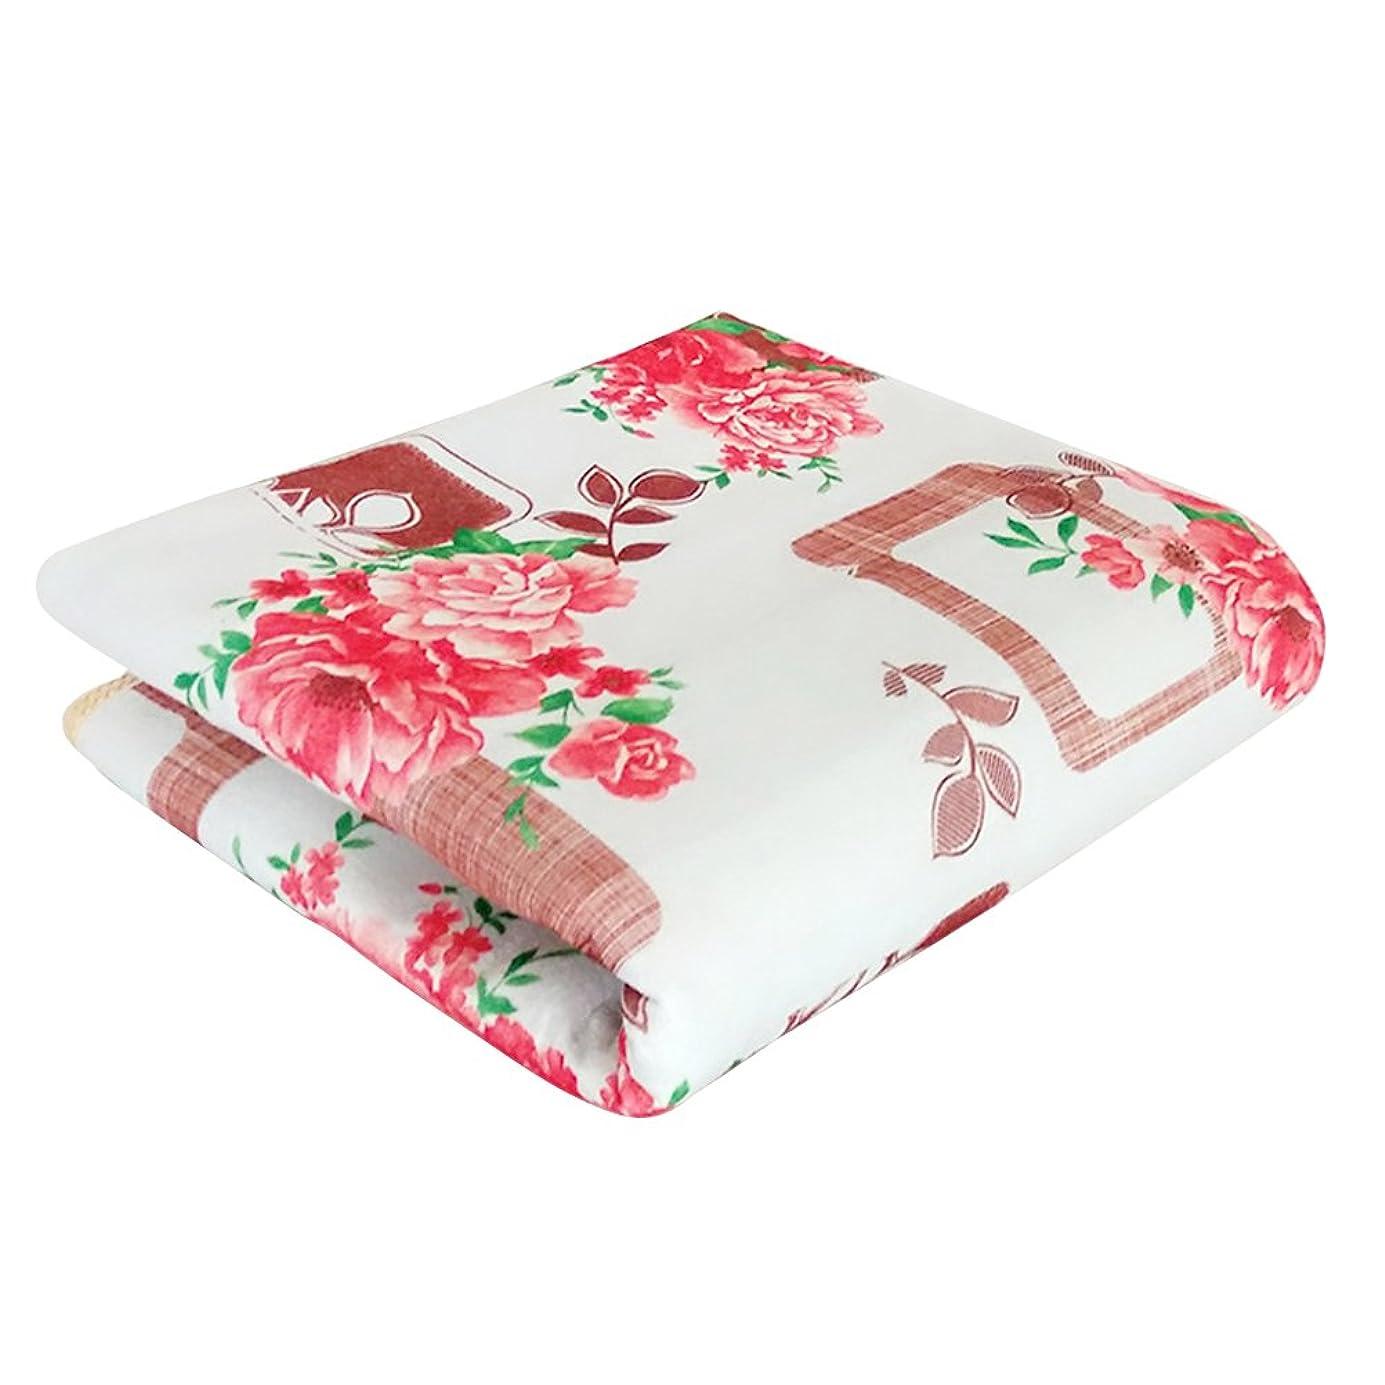 怒って対抗生理Healifty 電気加熱されたパッドの温度調整の熱毛布の鎮痛剤の二重暖房のマットレス145 x 115 CM